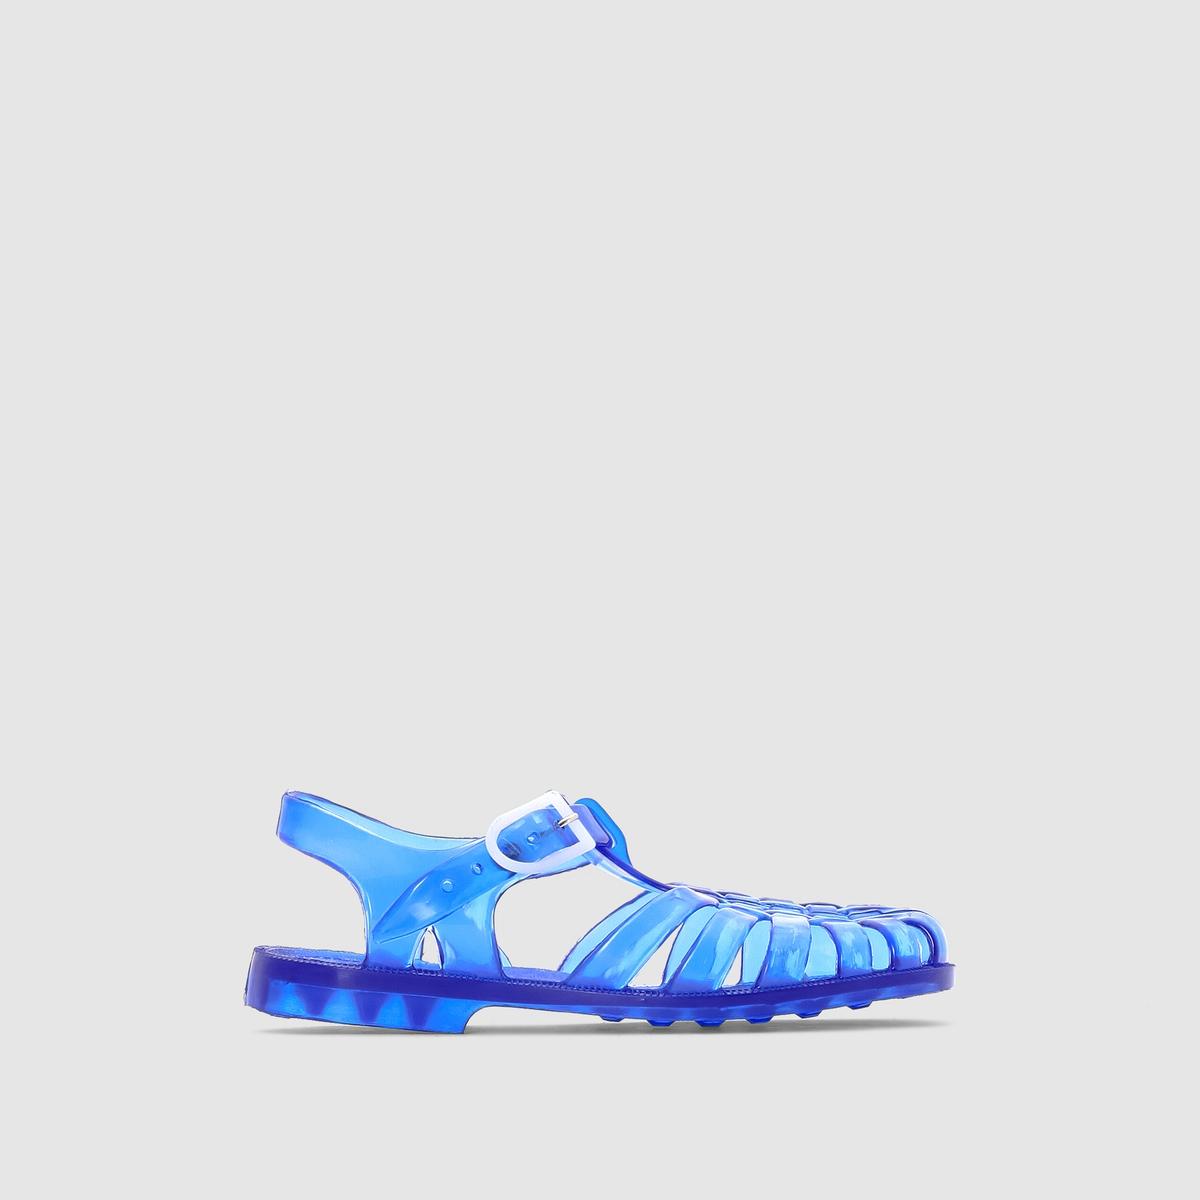 Сандалии из каучука типа медузыНа протяжении уже нескольких поколений сандалии типа медузы приносят радость детям, защищая их ноги на пляже или во время занятий на воде: они незаменимы во время отпуска или времяпрепровождения на открытом воздухе!<br><br>Цвет: синий<br>Размер: 34